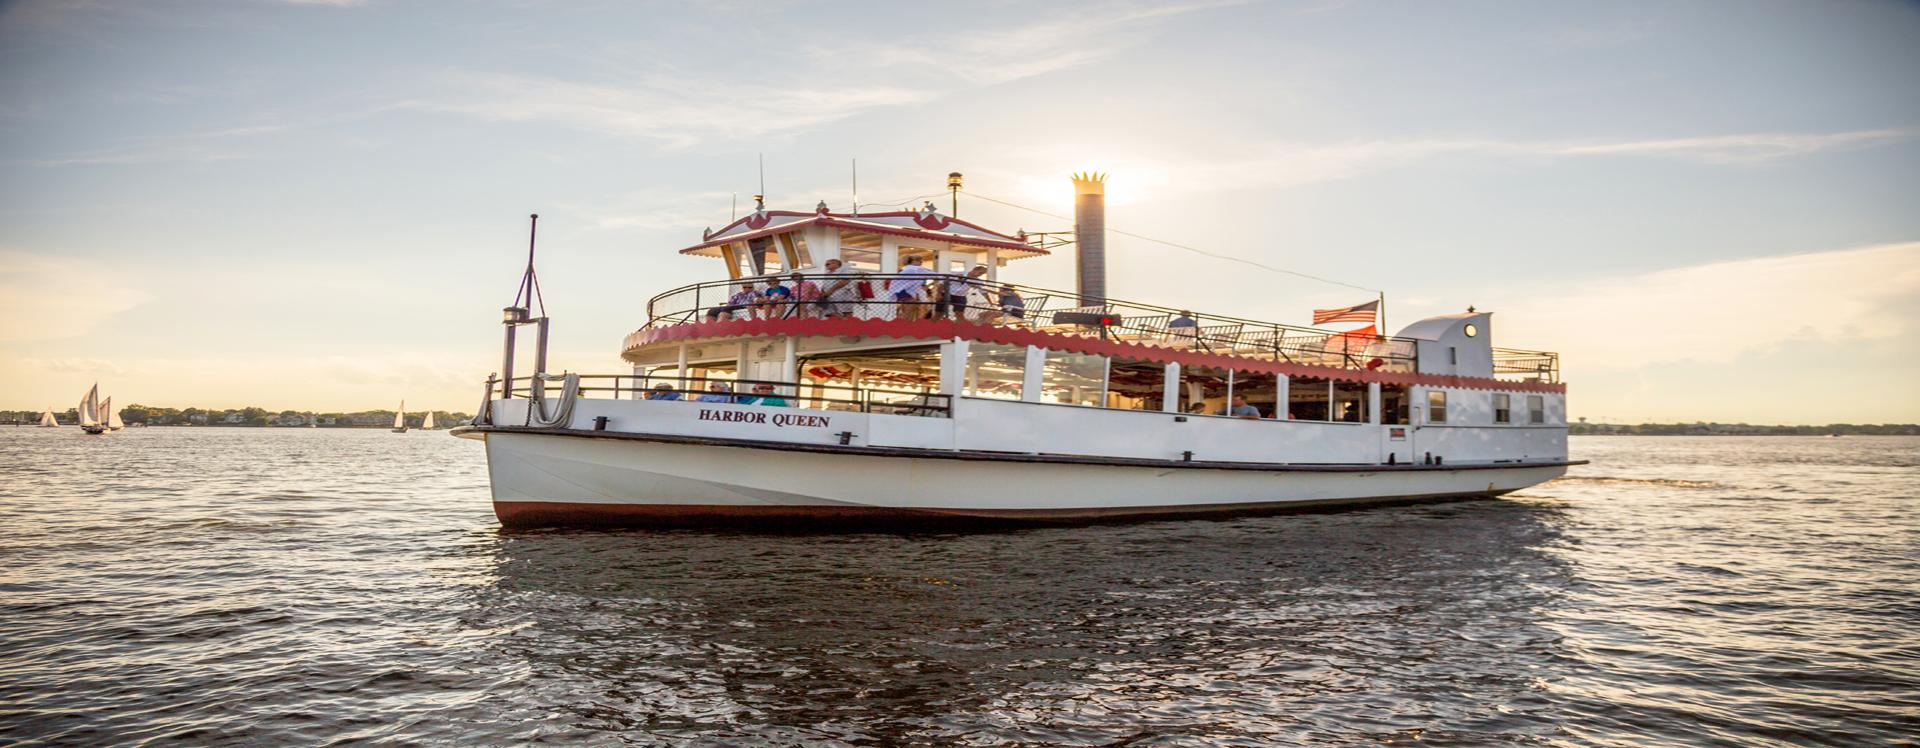 Harbor Queen - Watermark